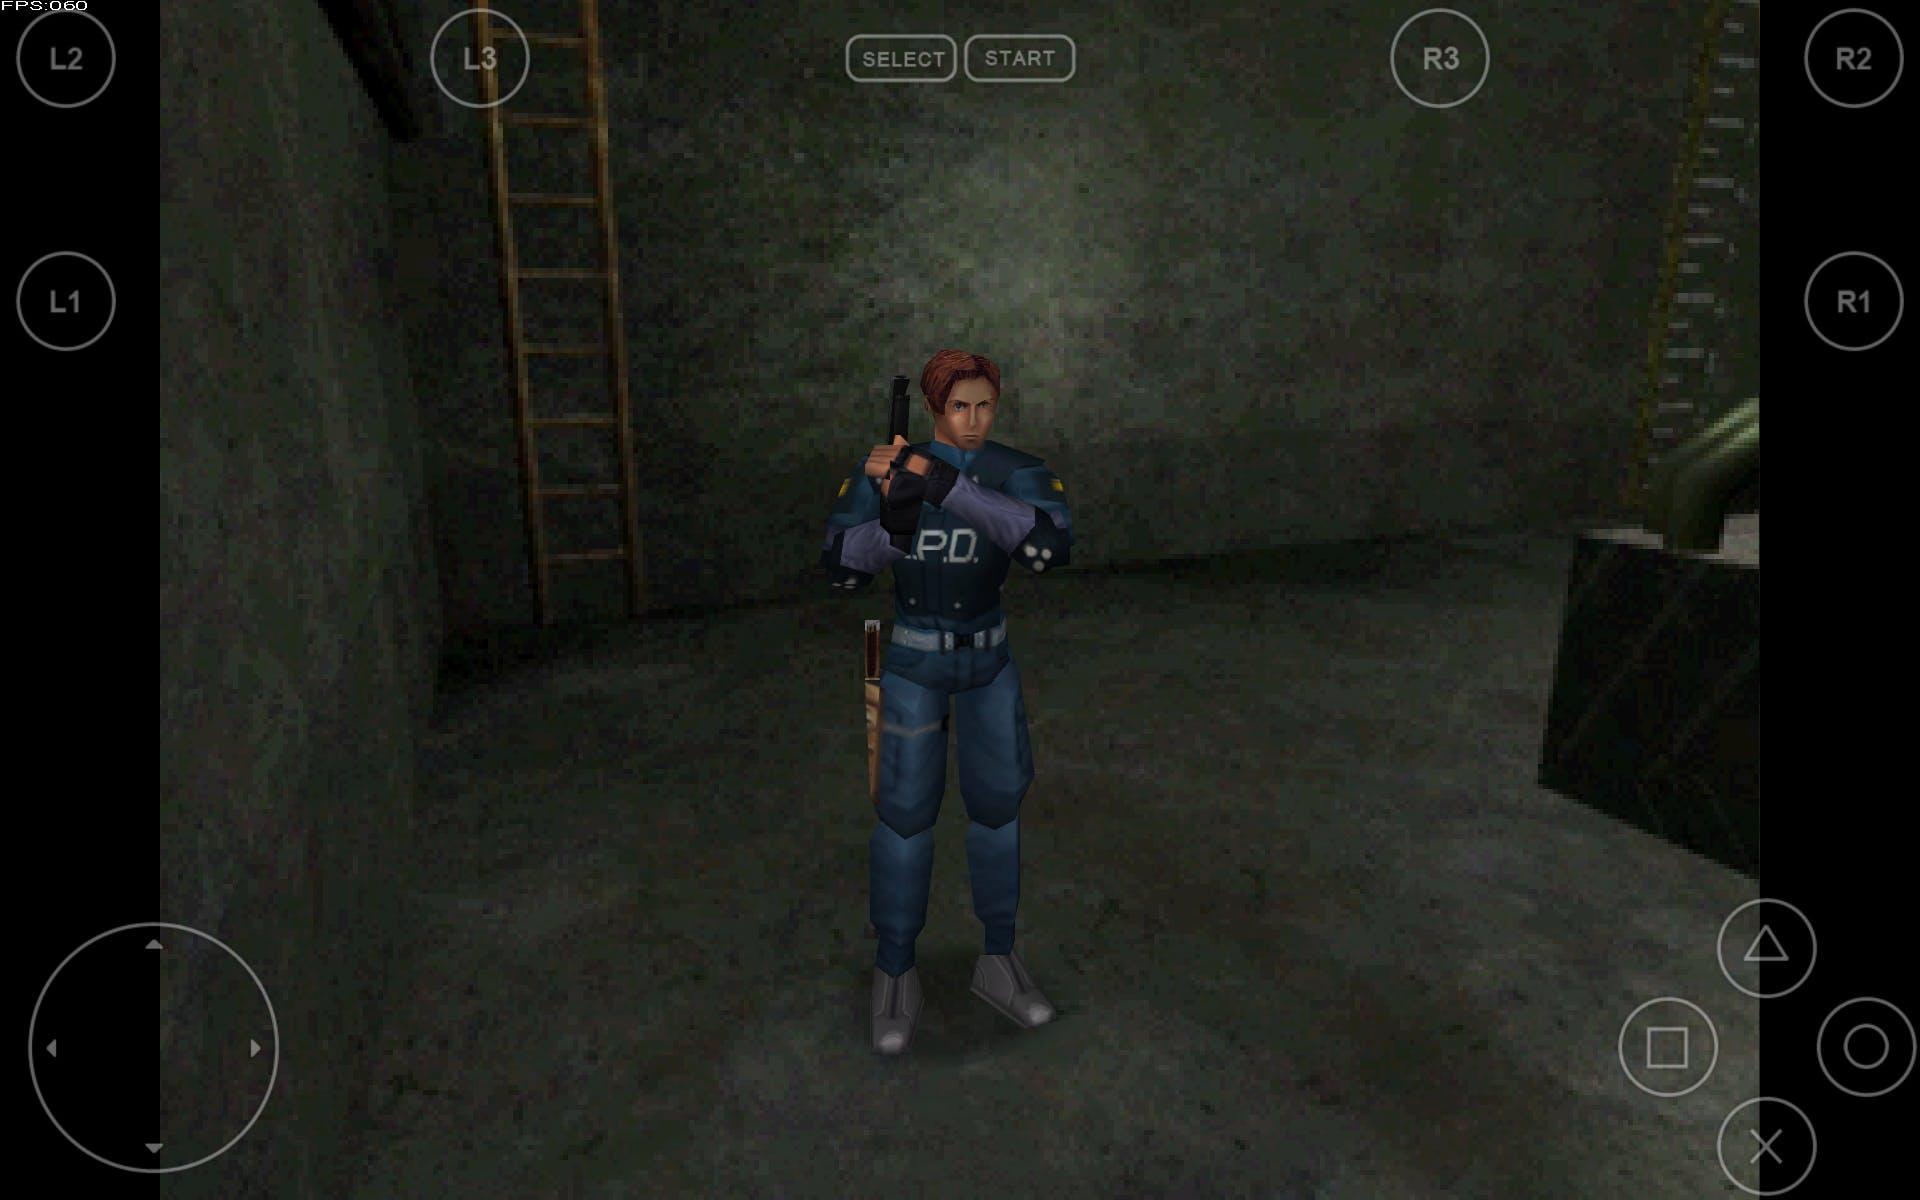 """""""Resident Evil"""" emulated on FPse"""